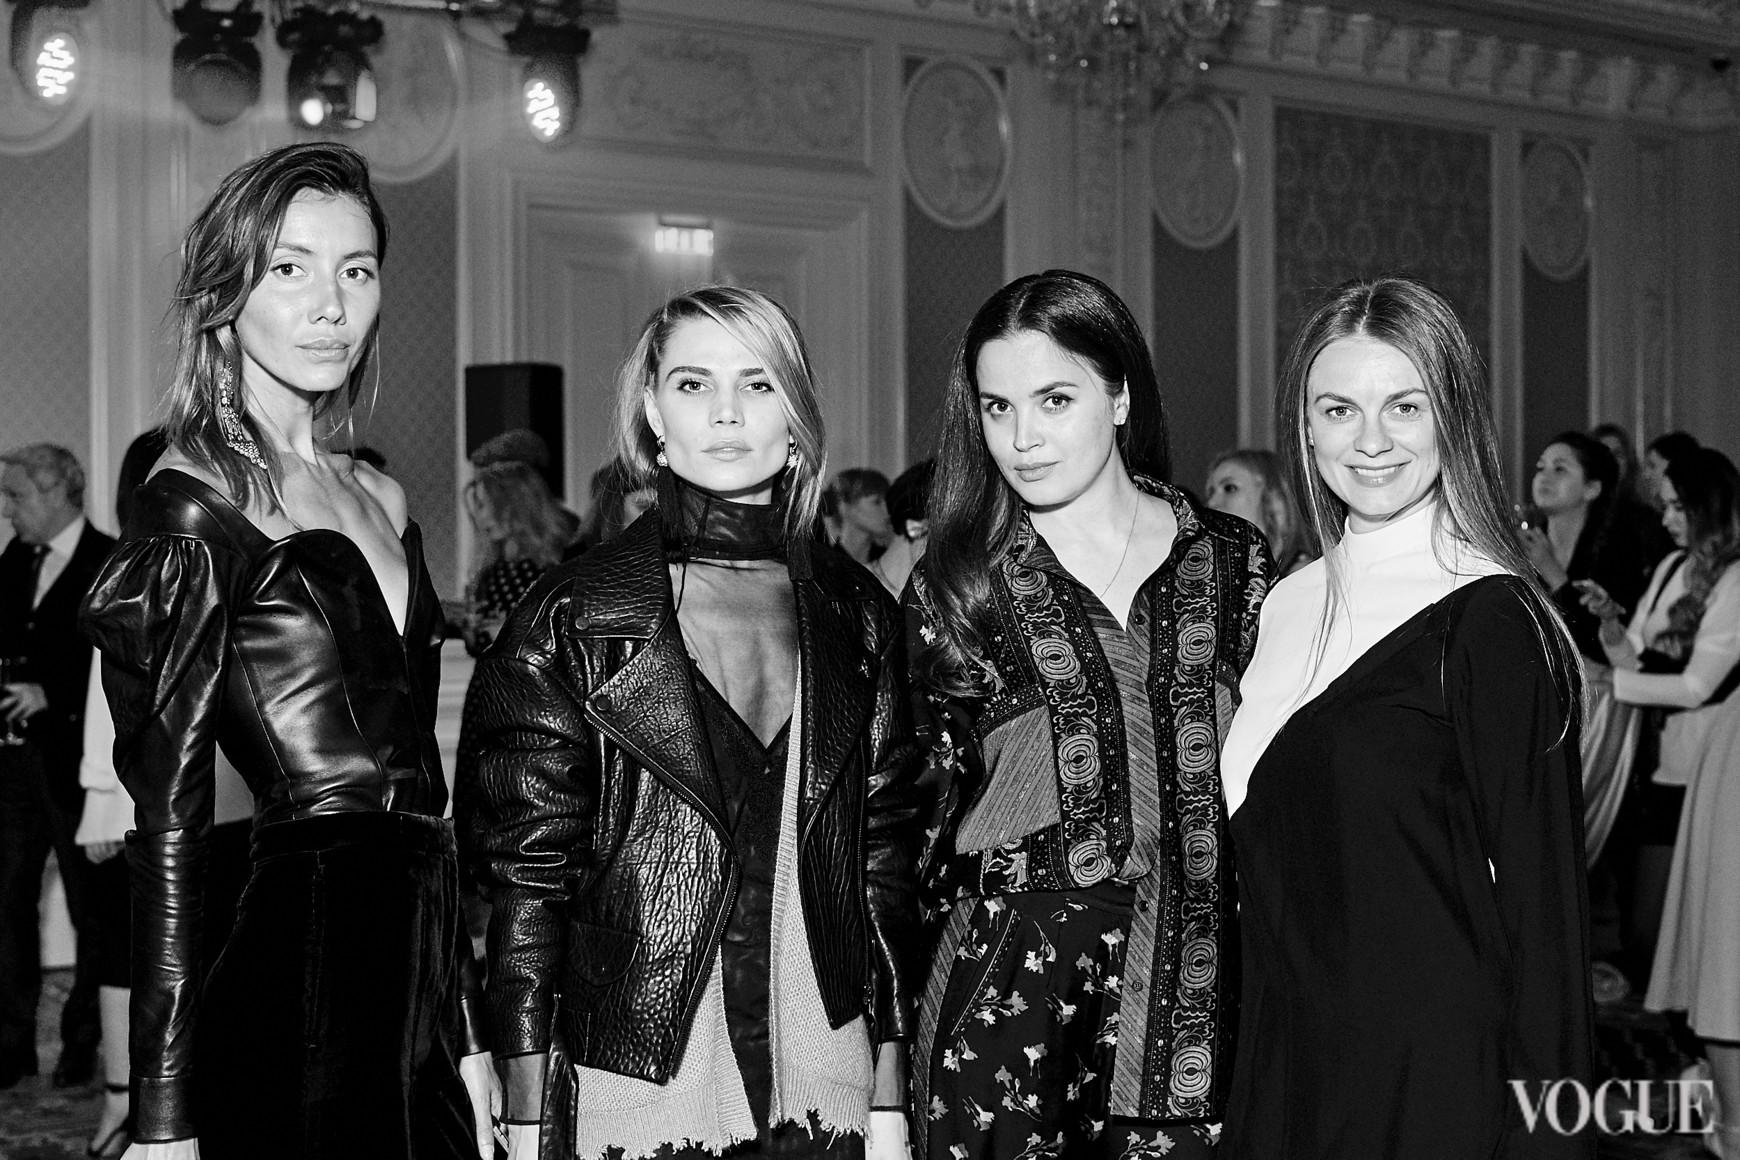 Юлия Пелипас, Юлия Богдан, Евгения Тимошенко и Юлия Криницкая